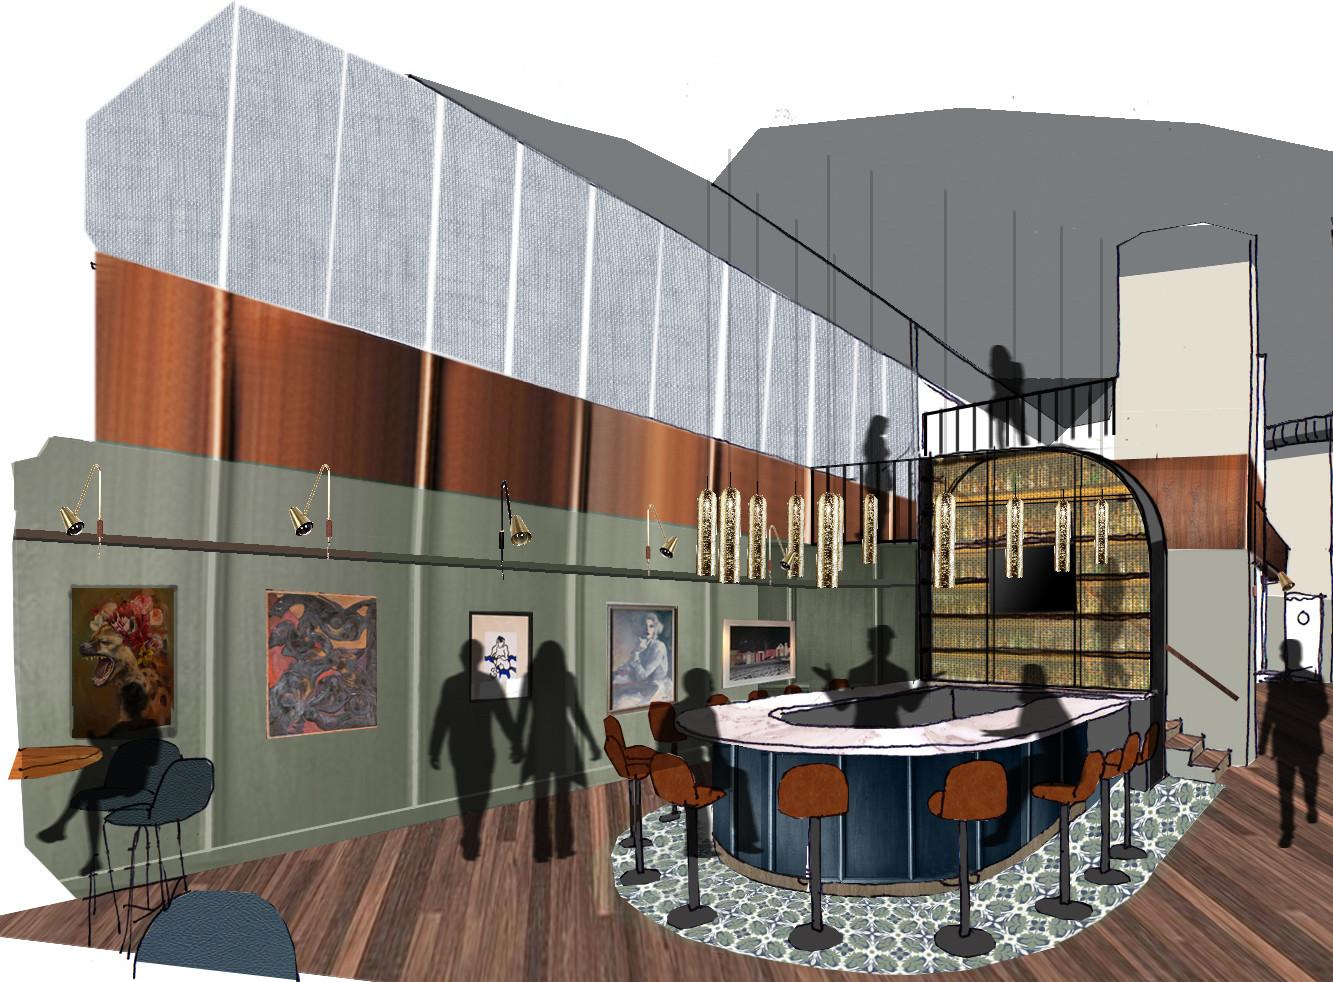 Haymaker-Bar-rendering-cropped.jpg